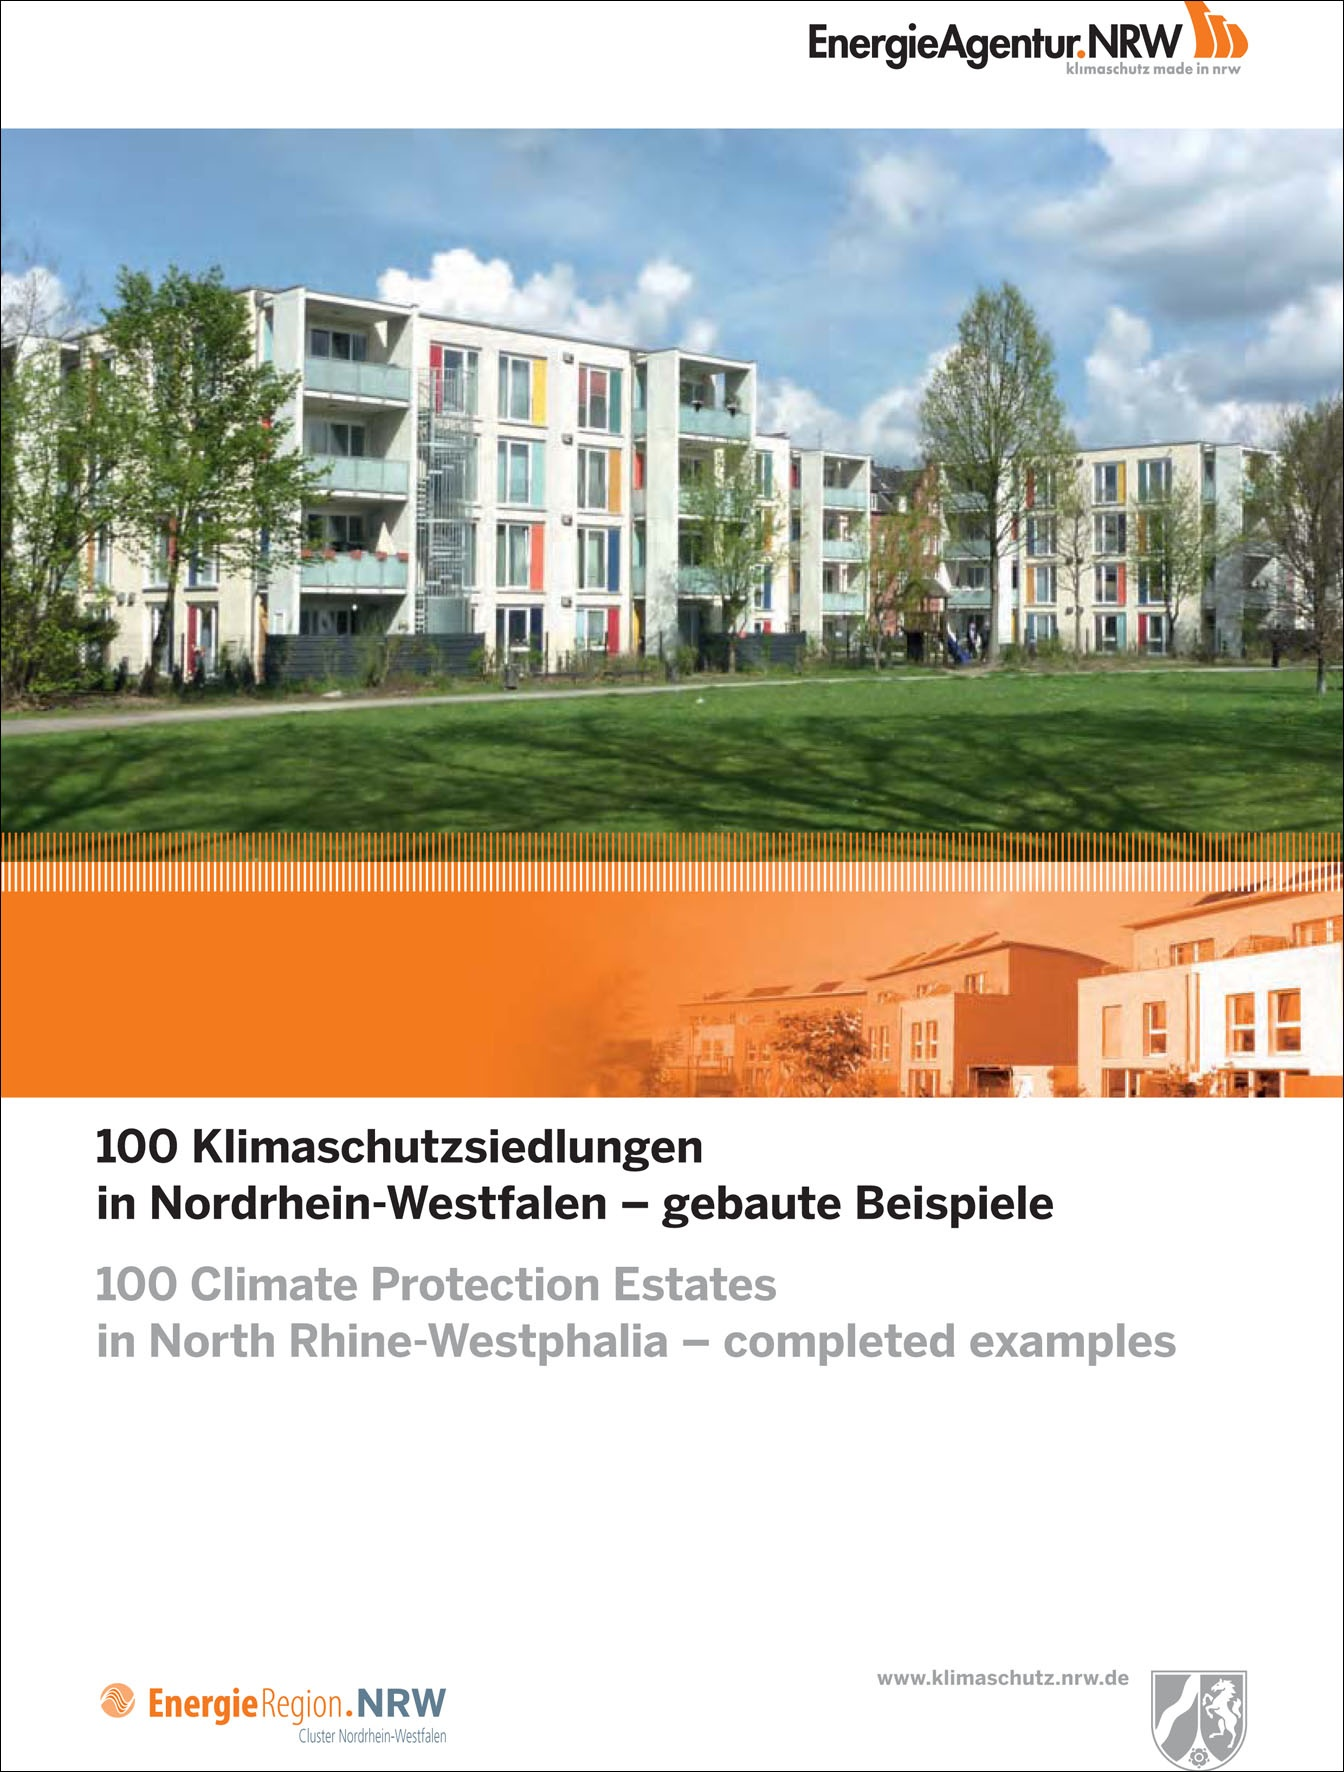 Klimaschutzsiedlung Garath In Neuer Broschüre